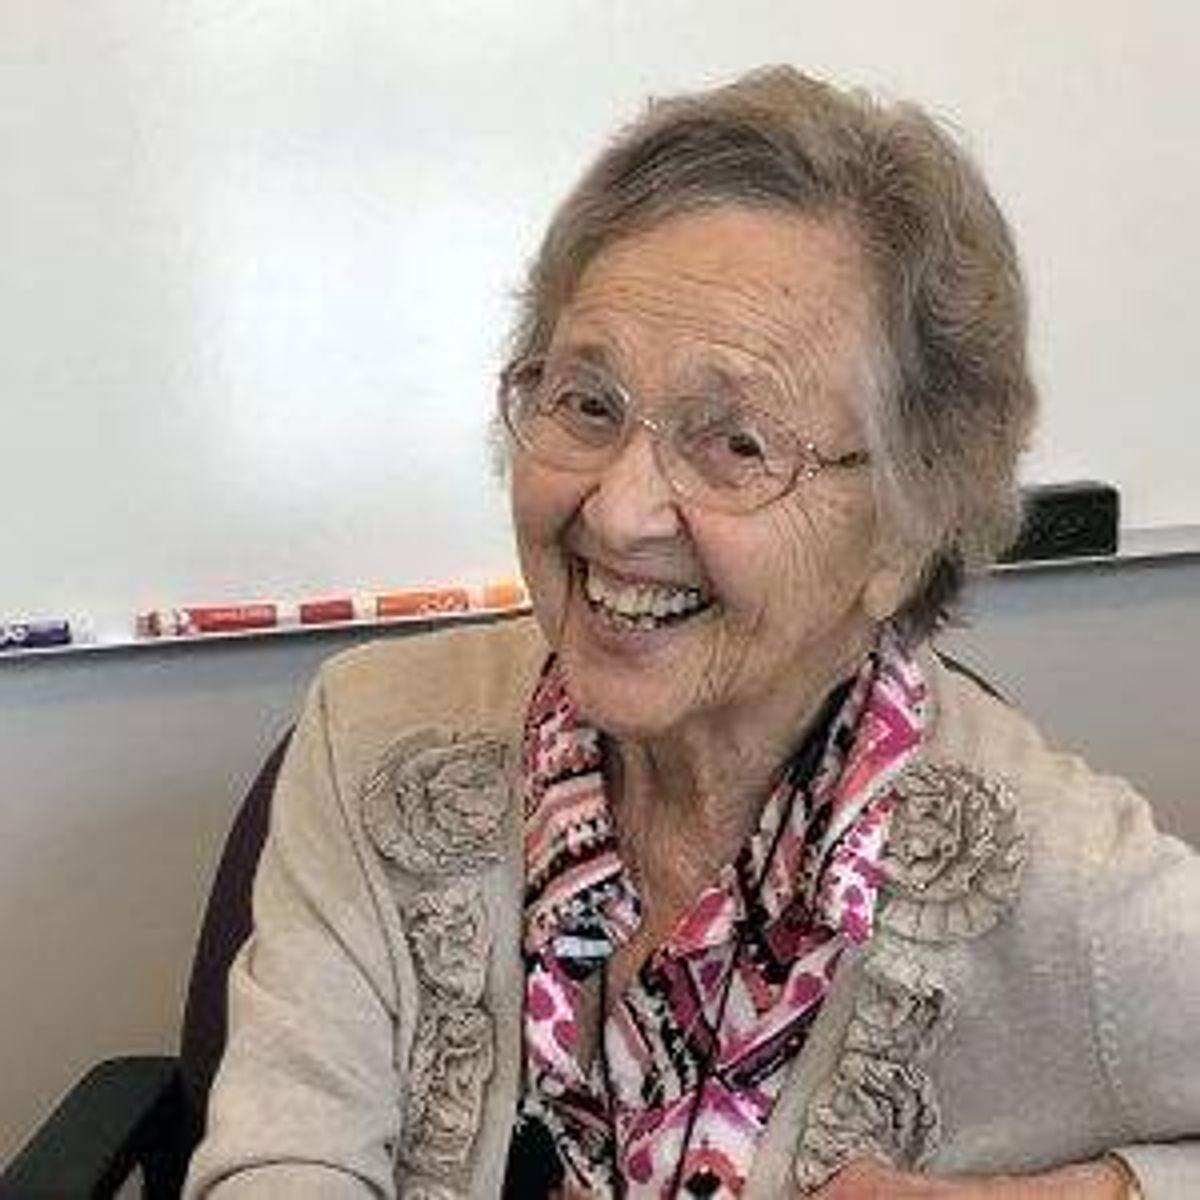 Ester van den Hoven, 94